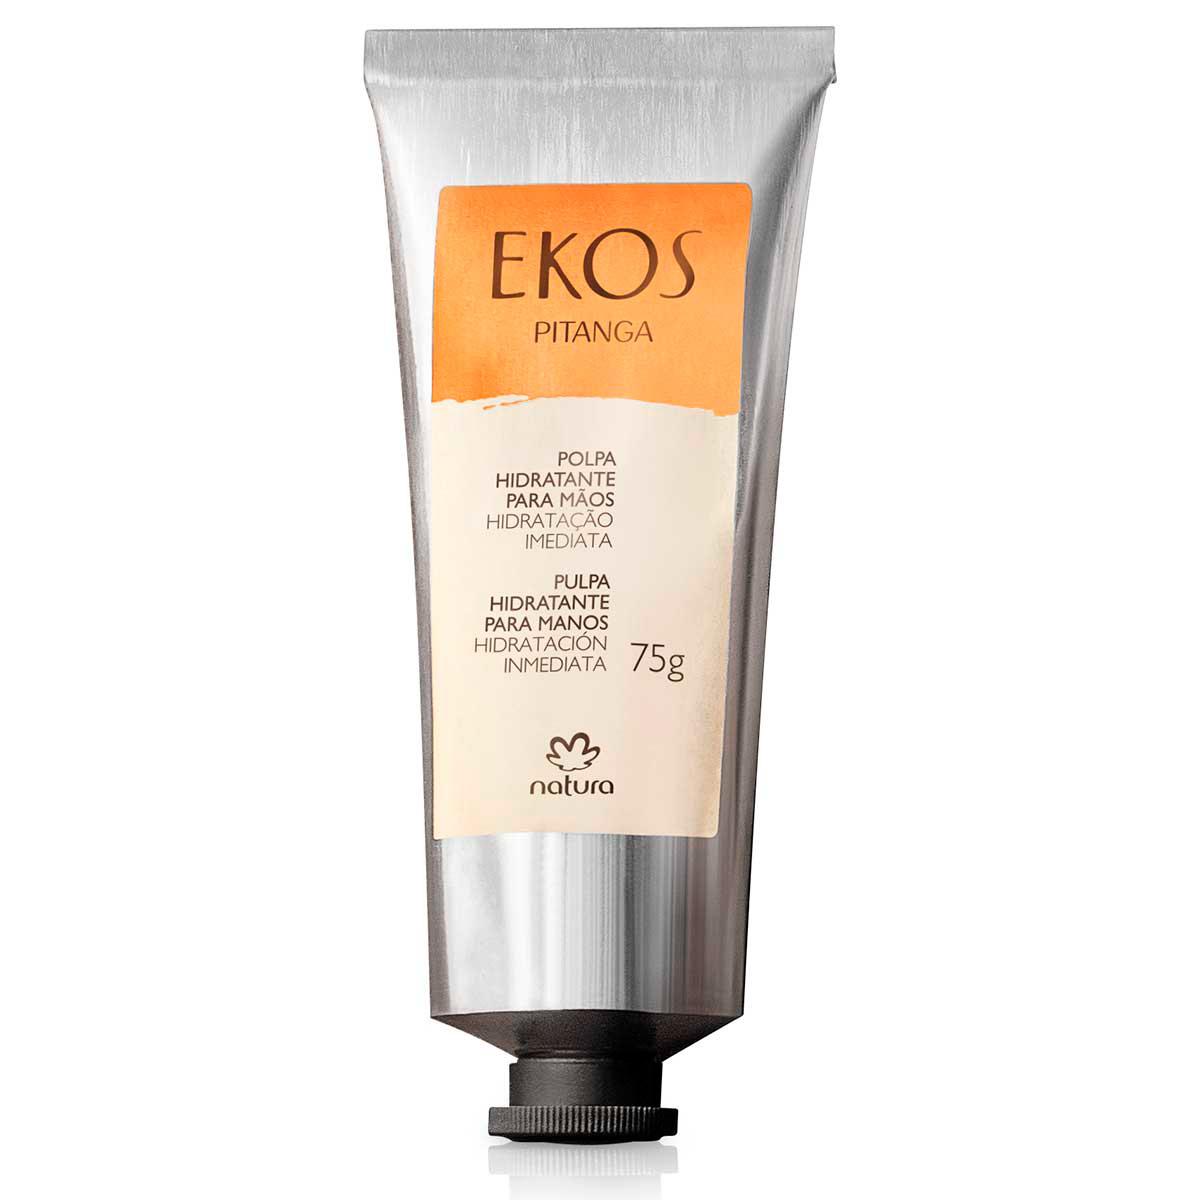 Polpa Hidratante para as Mãos Ekos Pitanga - 75g - 68650